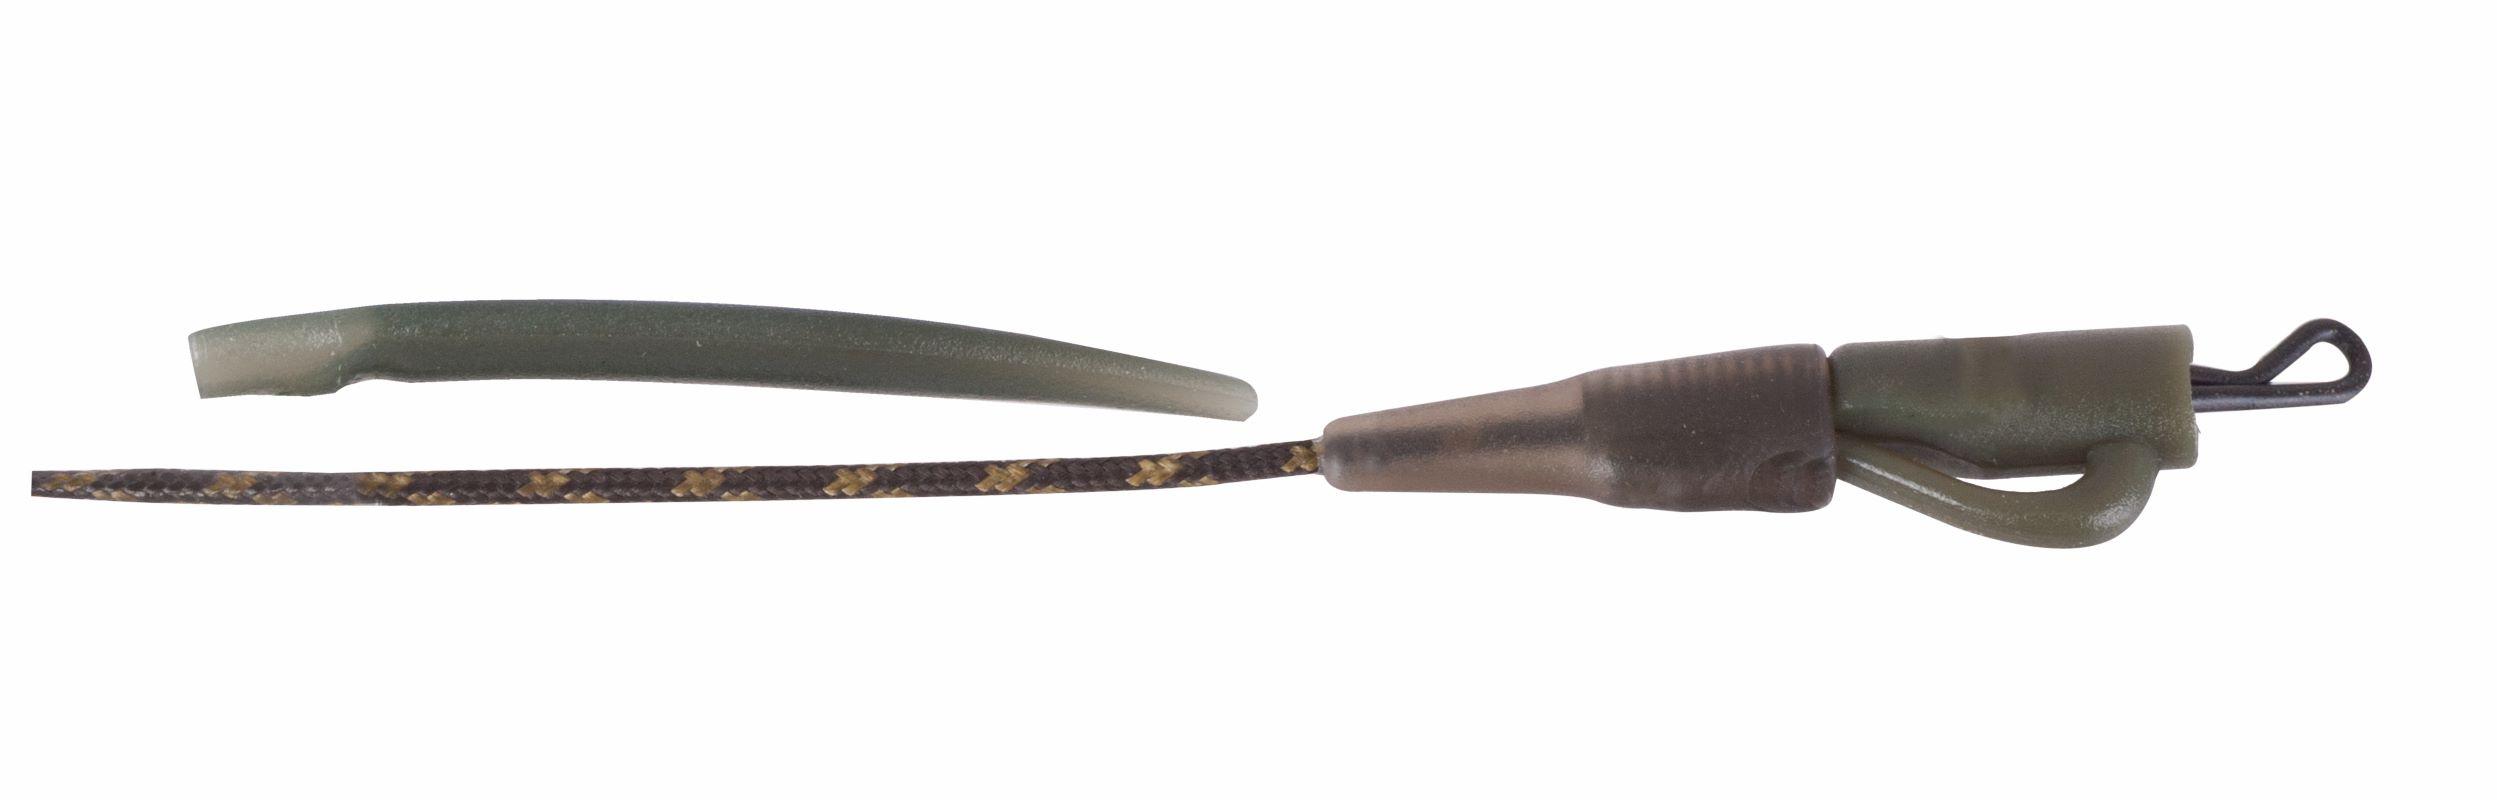 Anaconda záves na olovo s rovnátkom Safety Lead Clip, zelená, 45 lb, 2 ks/bal